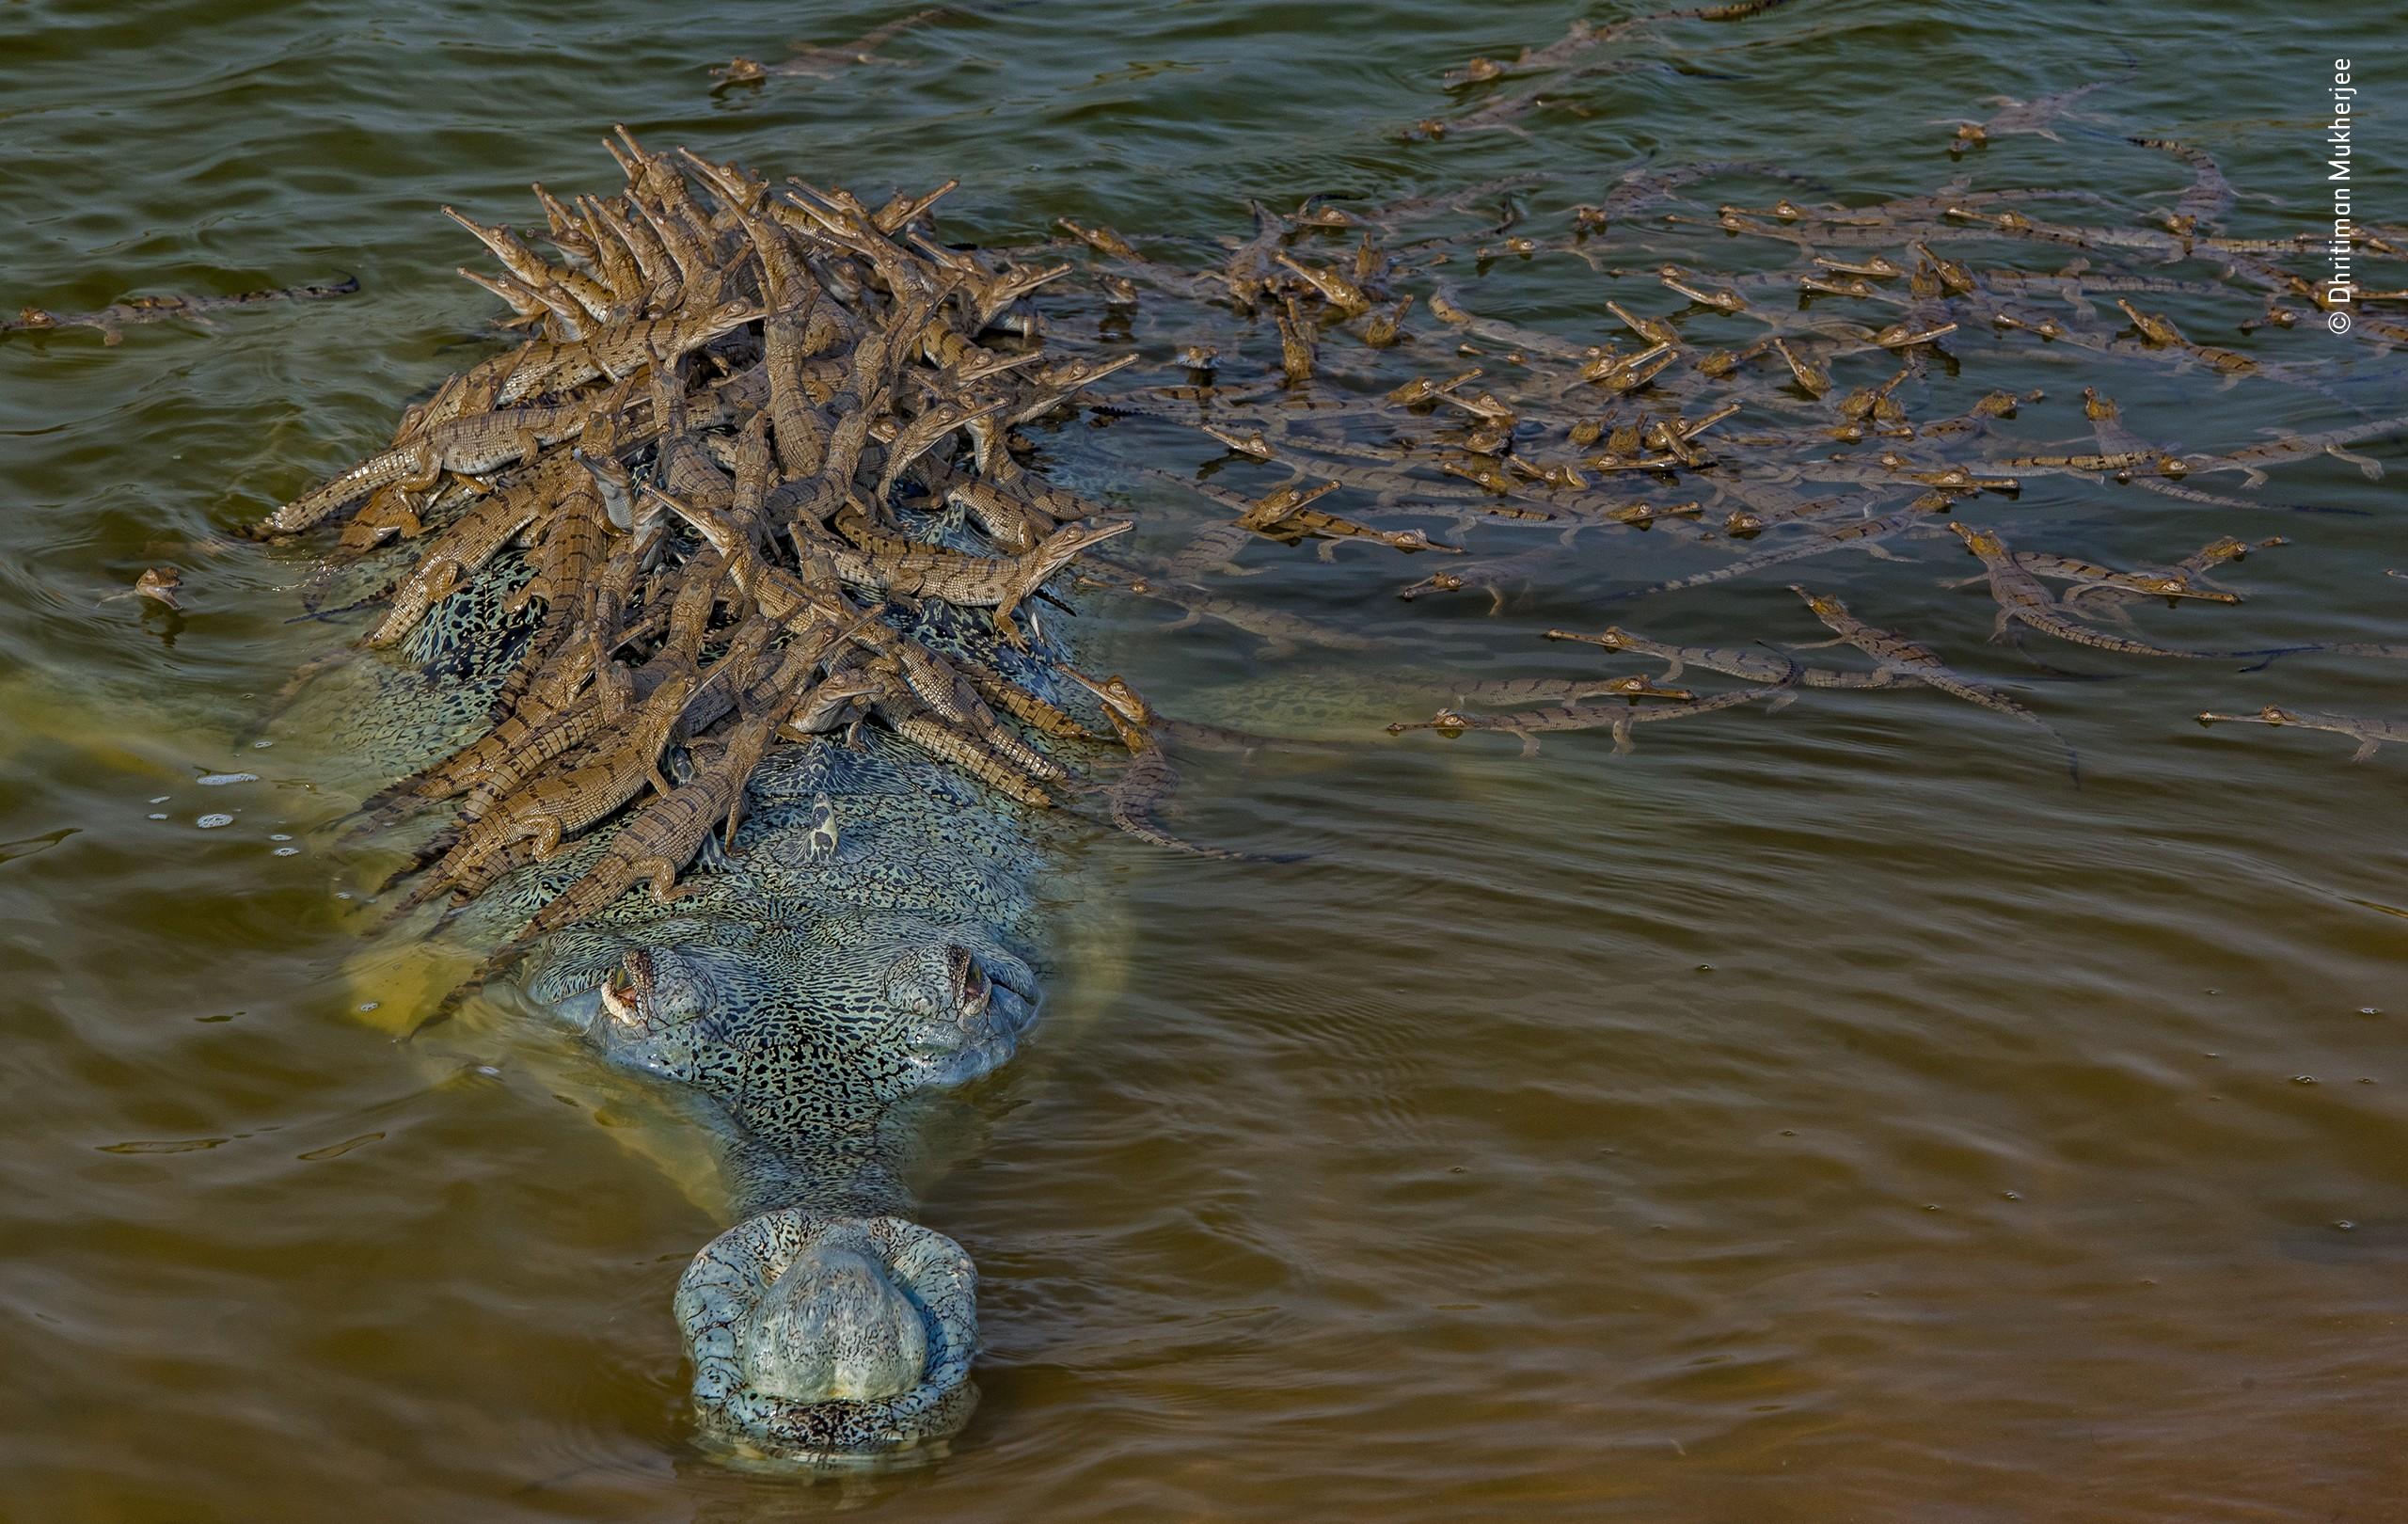 «Поведение: Амфибии и рептилии», 2020. Четырёхметровый самец гавиала с потомством. Автор Дхритиман Мукерджи